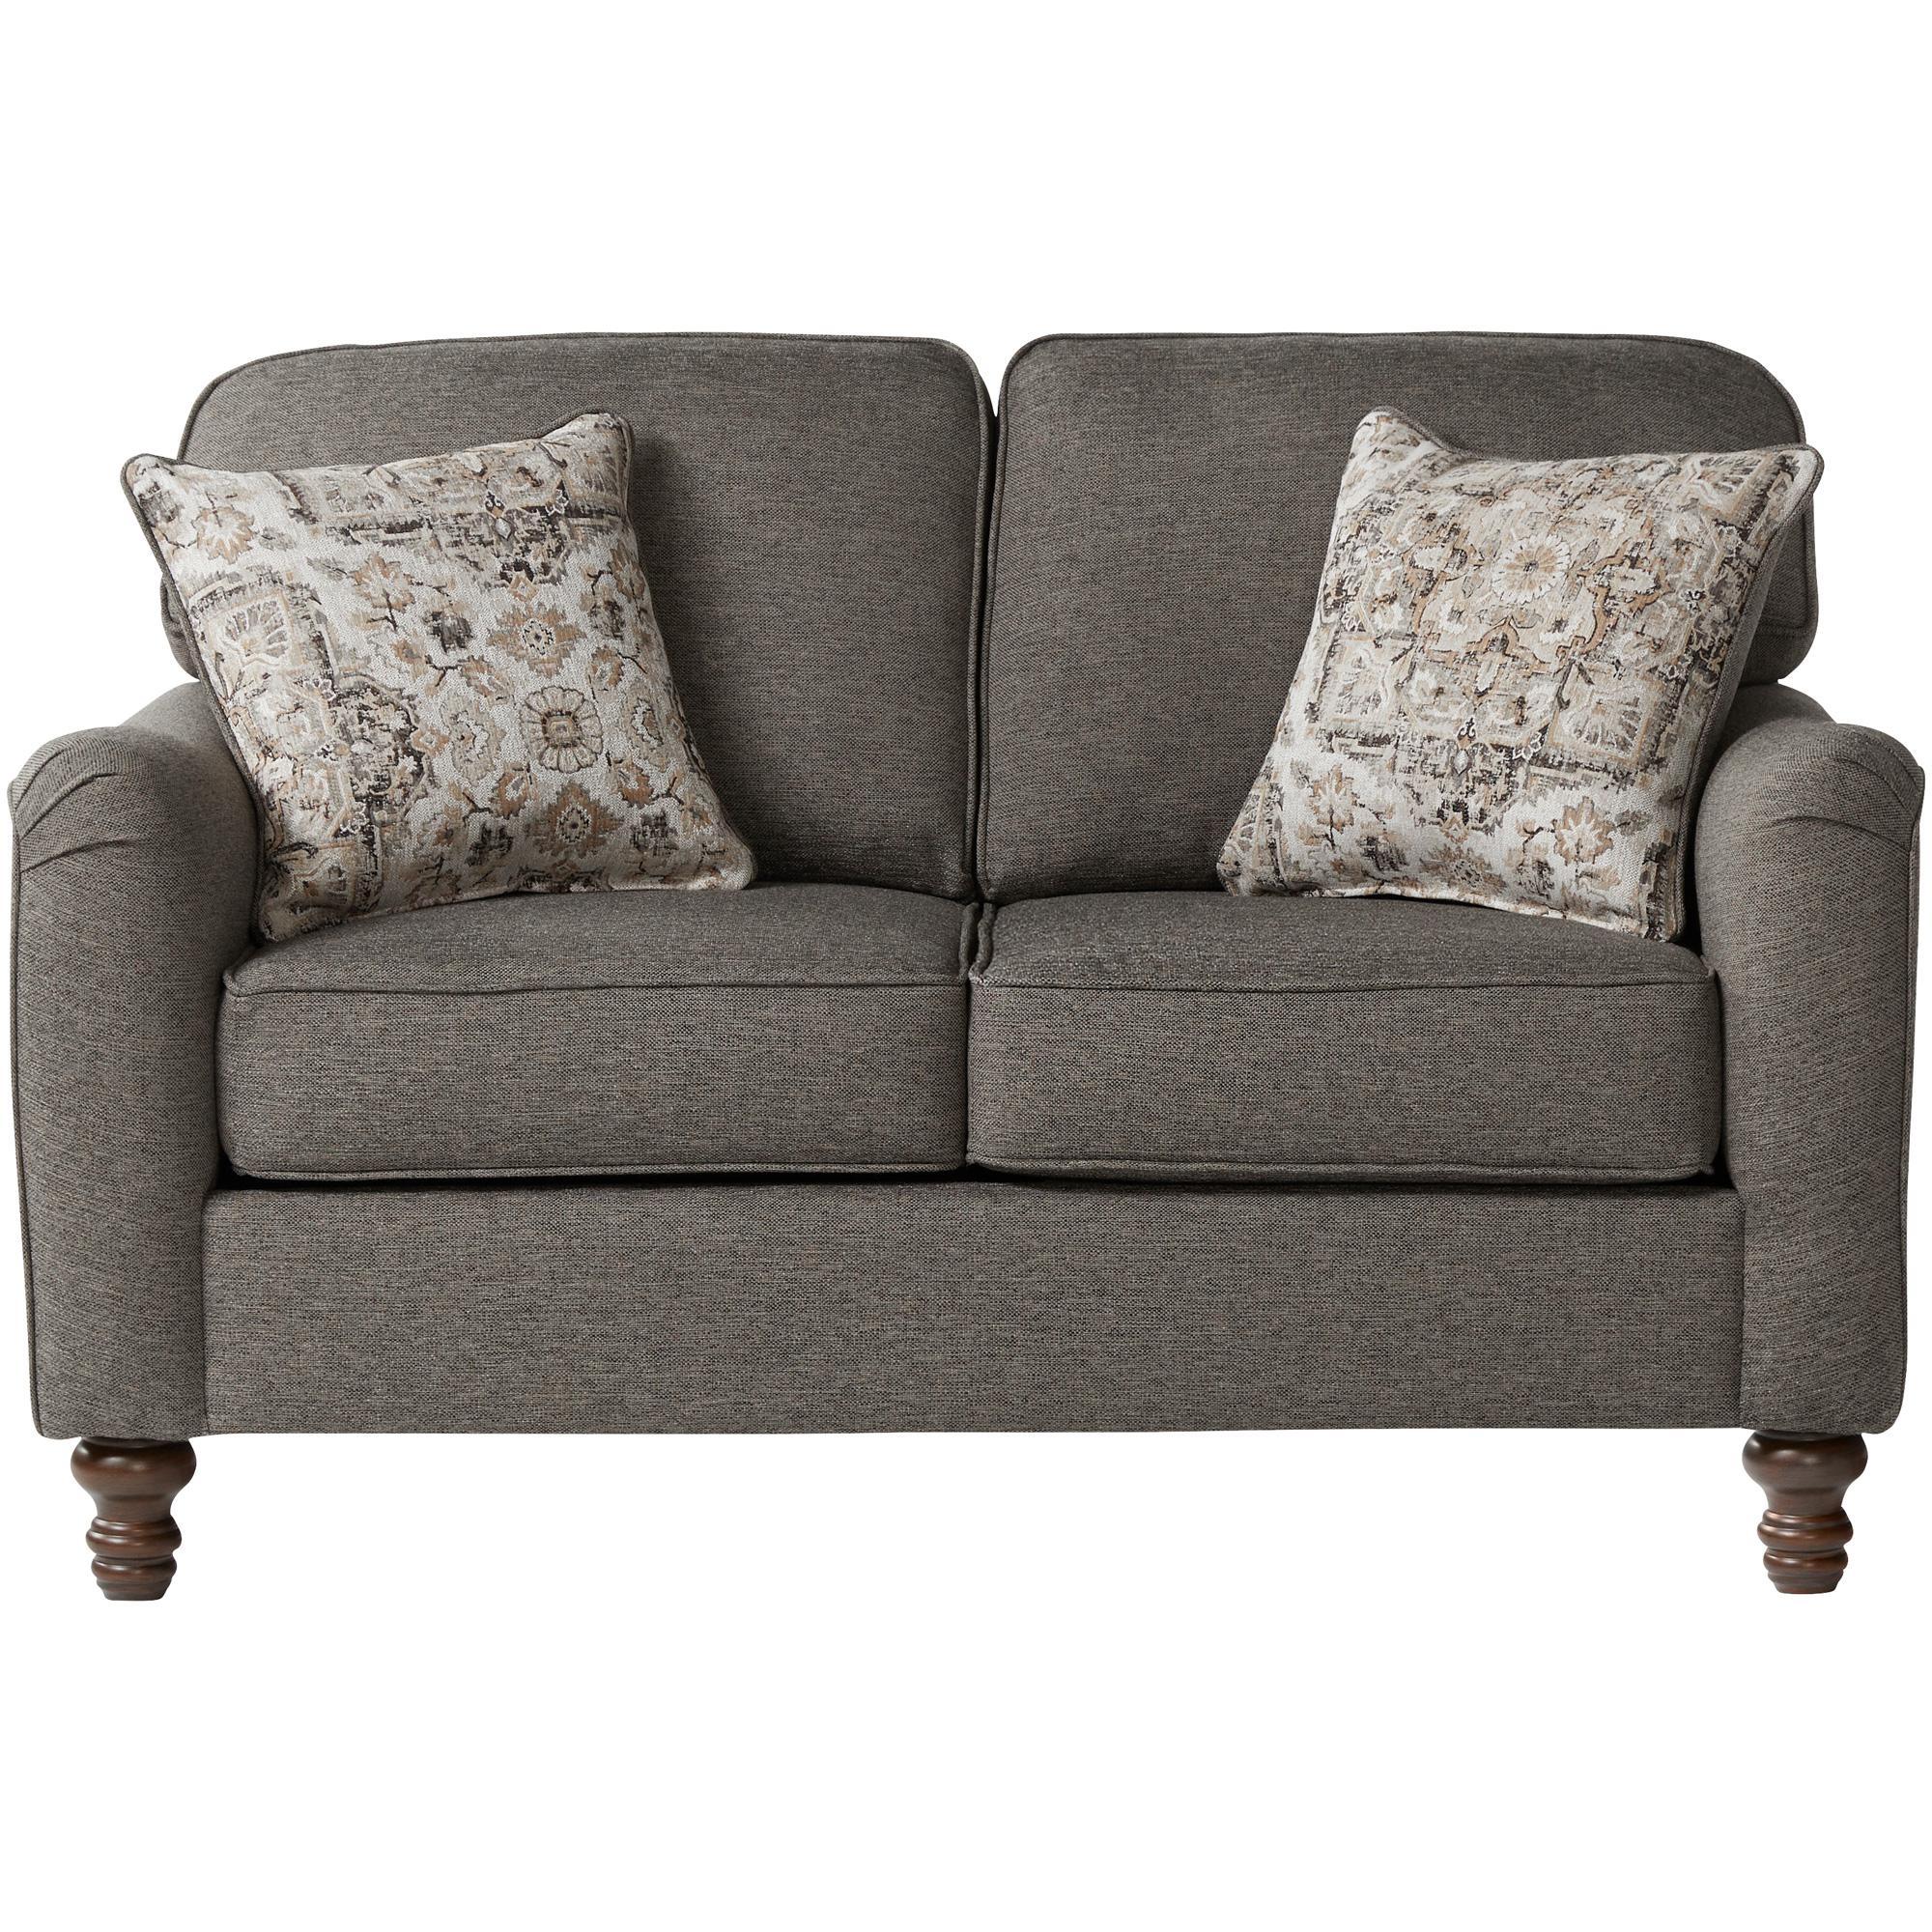 Hughes | Coleton Ash Loveseat Sofa